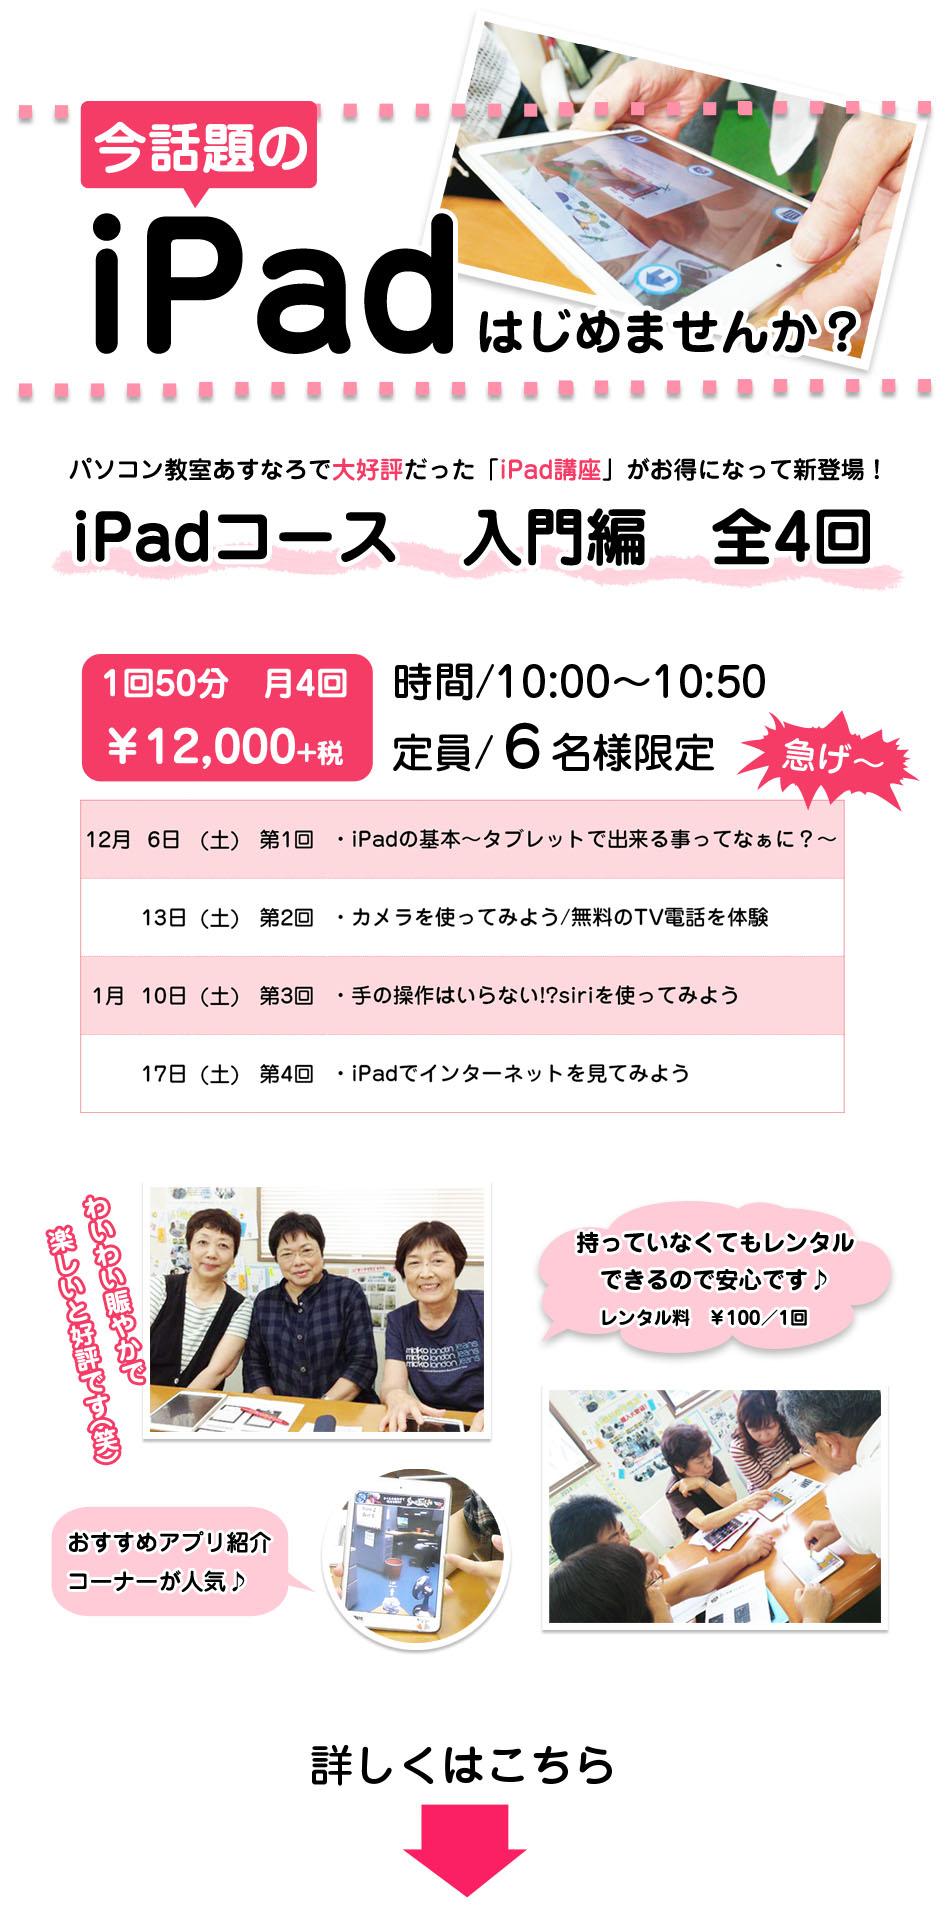 iPadはじめませんか?